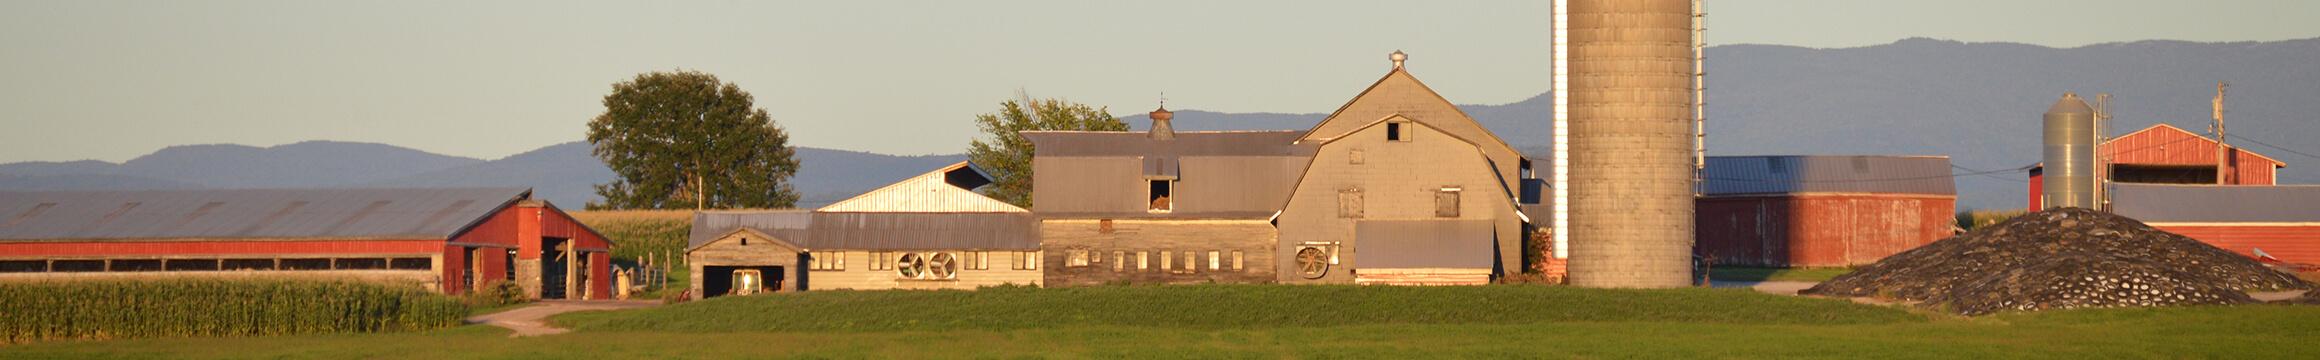 Farming Rural 04